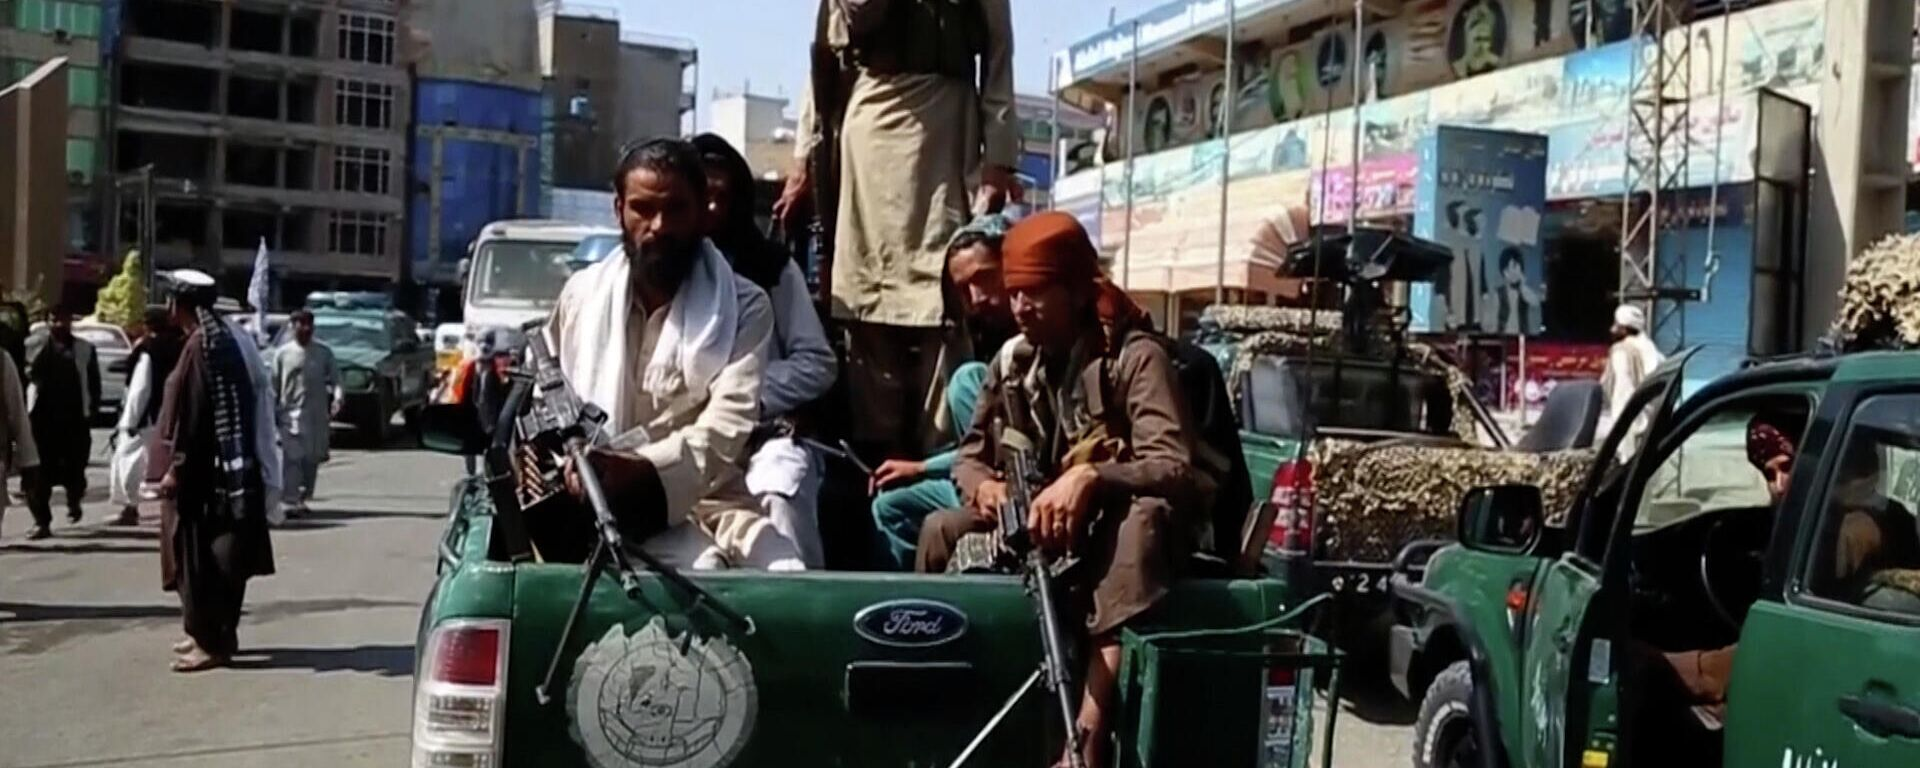 Σκοτεινές μέρες για το Αφγανιστάν: Η επιστροφή των Ταλιμπάν και η πτώση της  Καμπούλ - Sputnik Ελλάδα, 1920, 06.09.2021